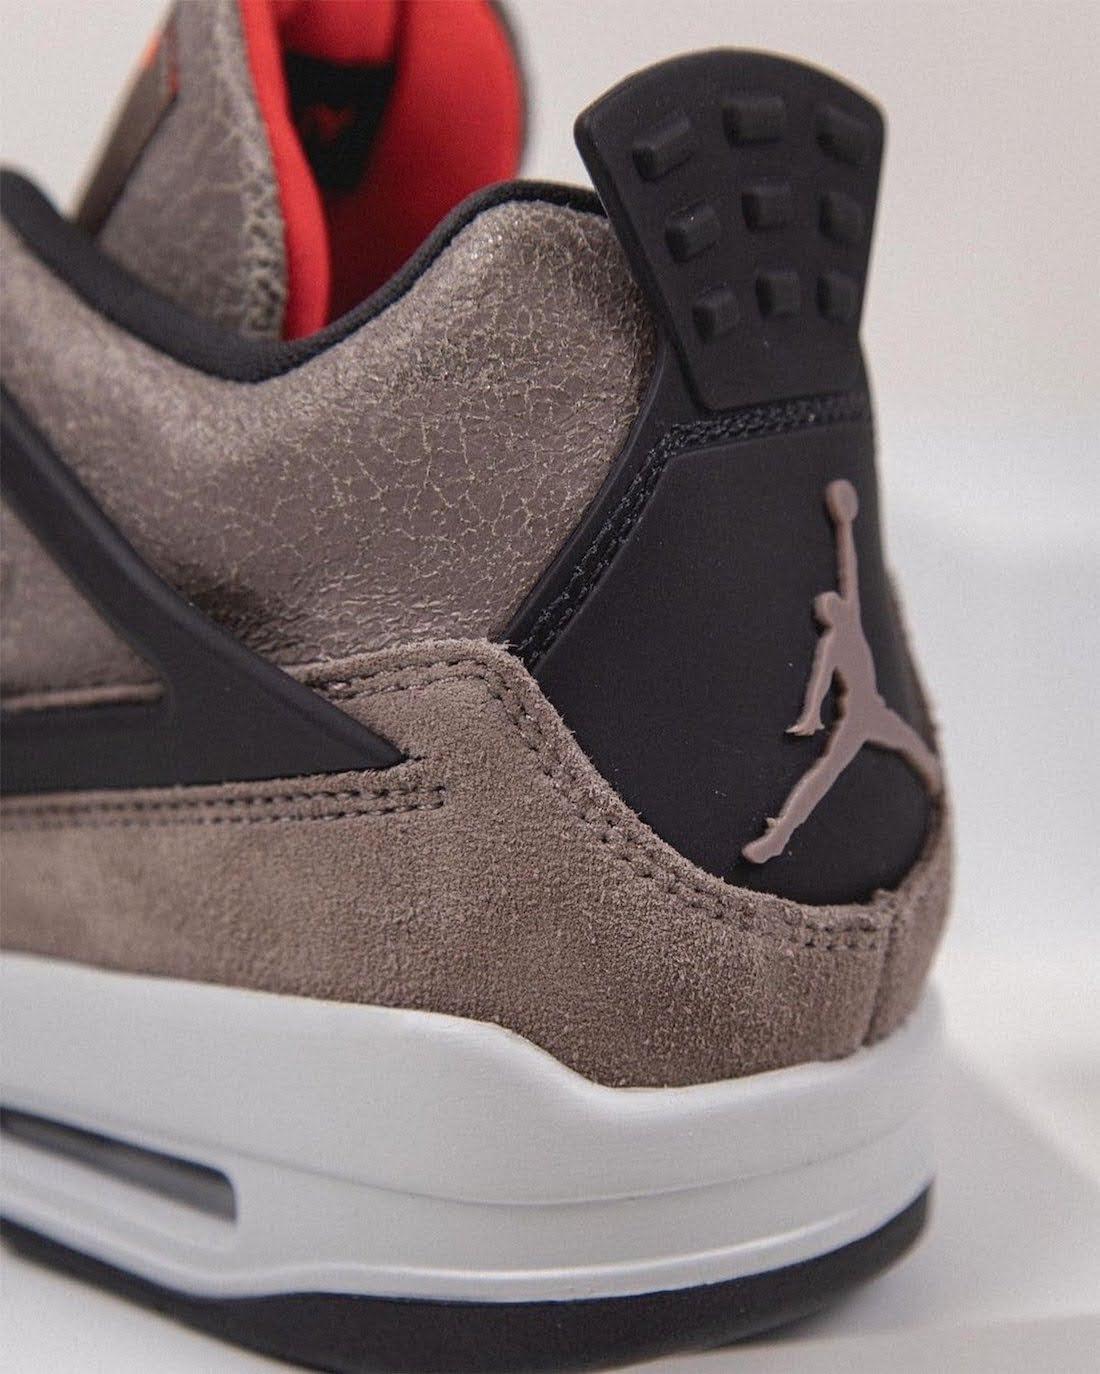 """ナイキ エア ジョーダン 4 """"タープヘイズ""""-Air-Jordan-4-Taupe-Haze-DB0732-200-Release-Date-heel-detail"""